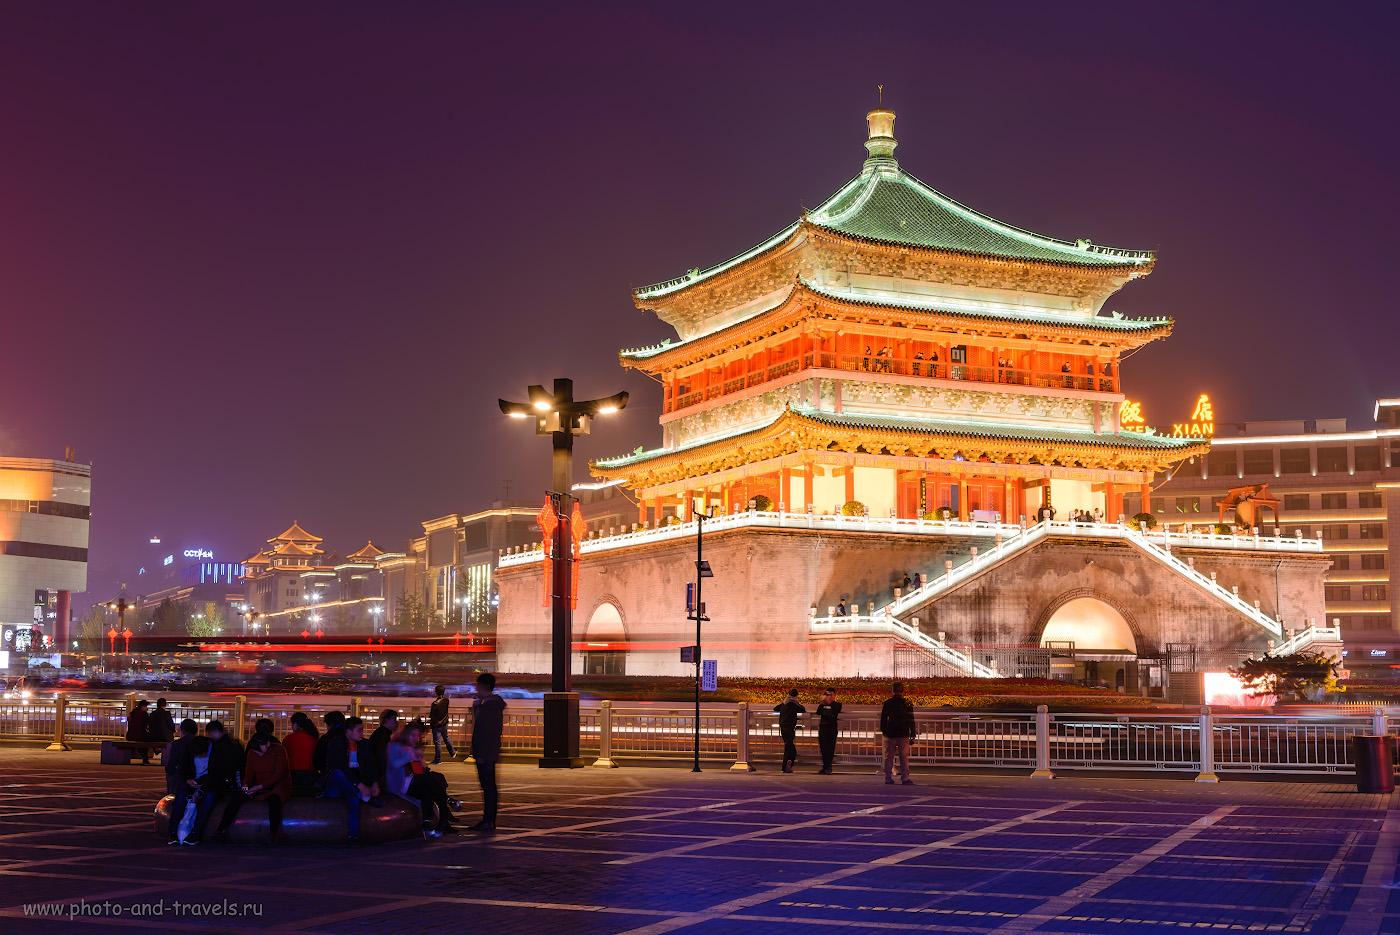 Фото 15. Так Колокольная башня, официальный символ Сианя, выглядит ночью. Отчет о путешествии по Китаю дикарем. Камера Nikon D610 + объектив Nikon 24-70mm f/2.8G. Снято со штатива Sirui T-2204X. Настройки: 2.5, +1.33, 11.0, 100, 48.